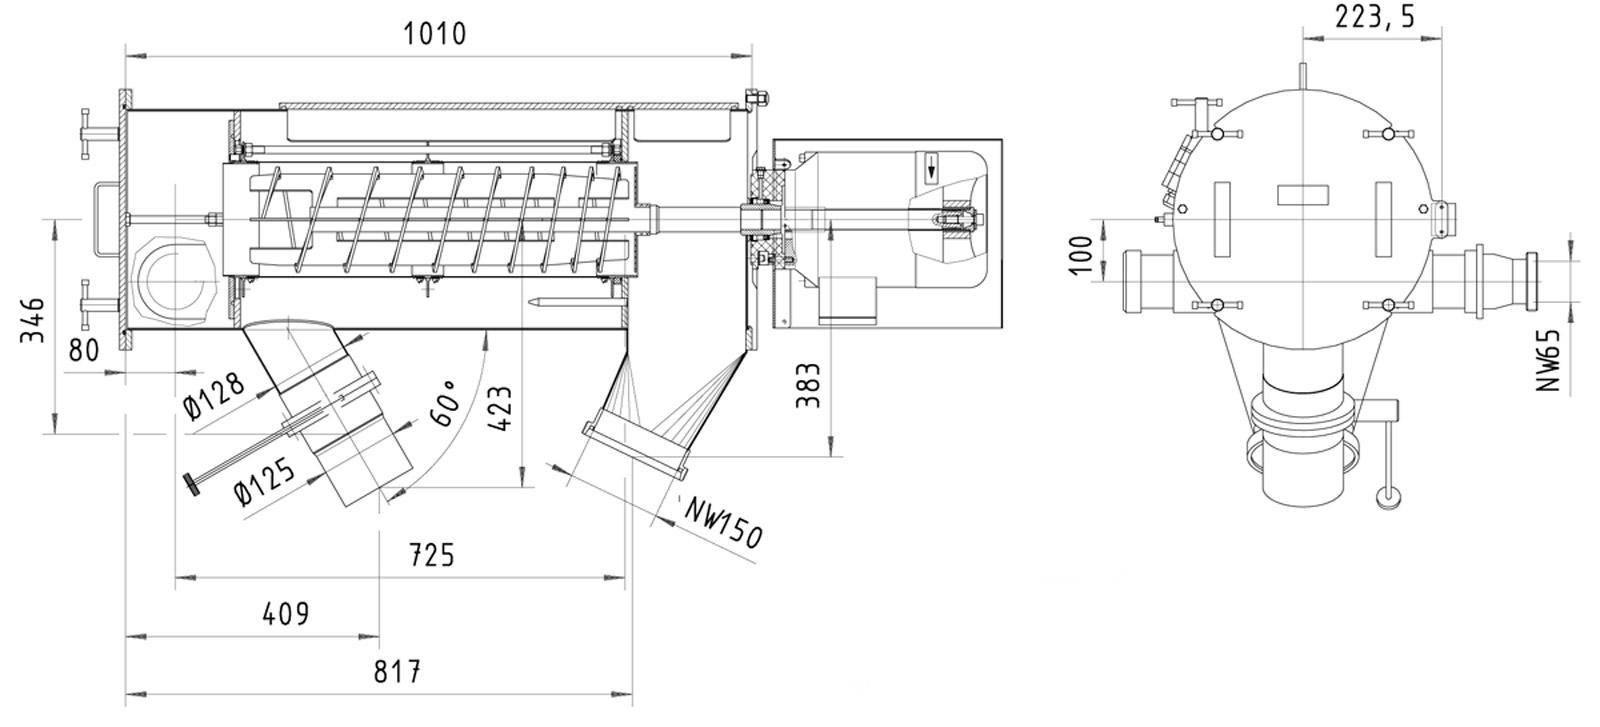 Оборудование для автоматизации, вихревой просеиватель AZO модель FLF650 для просеивания жидкостей